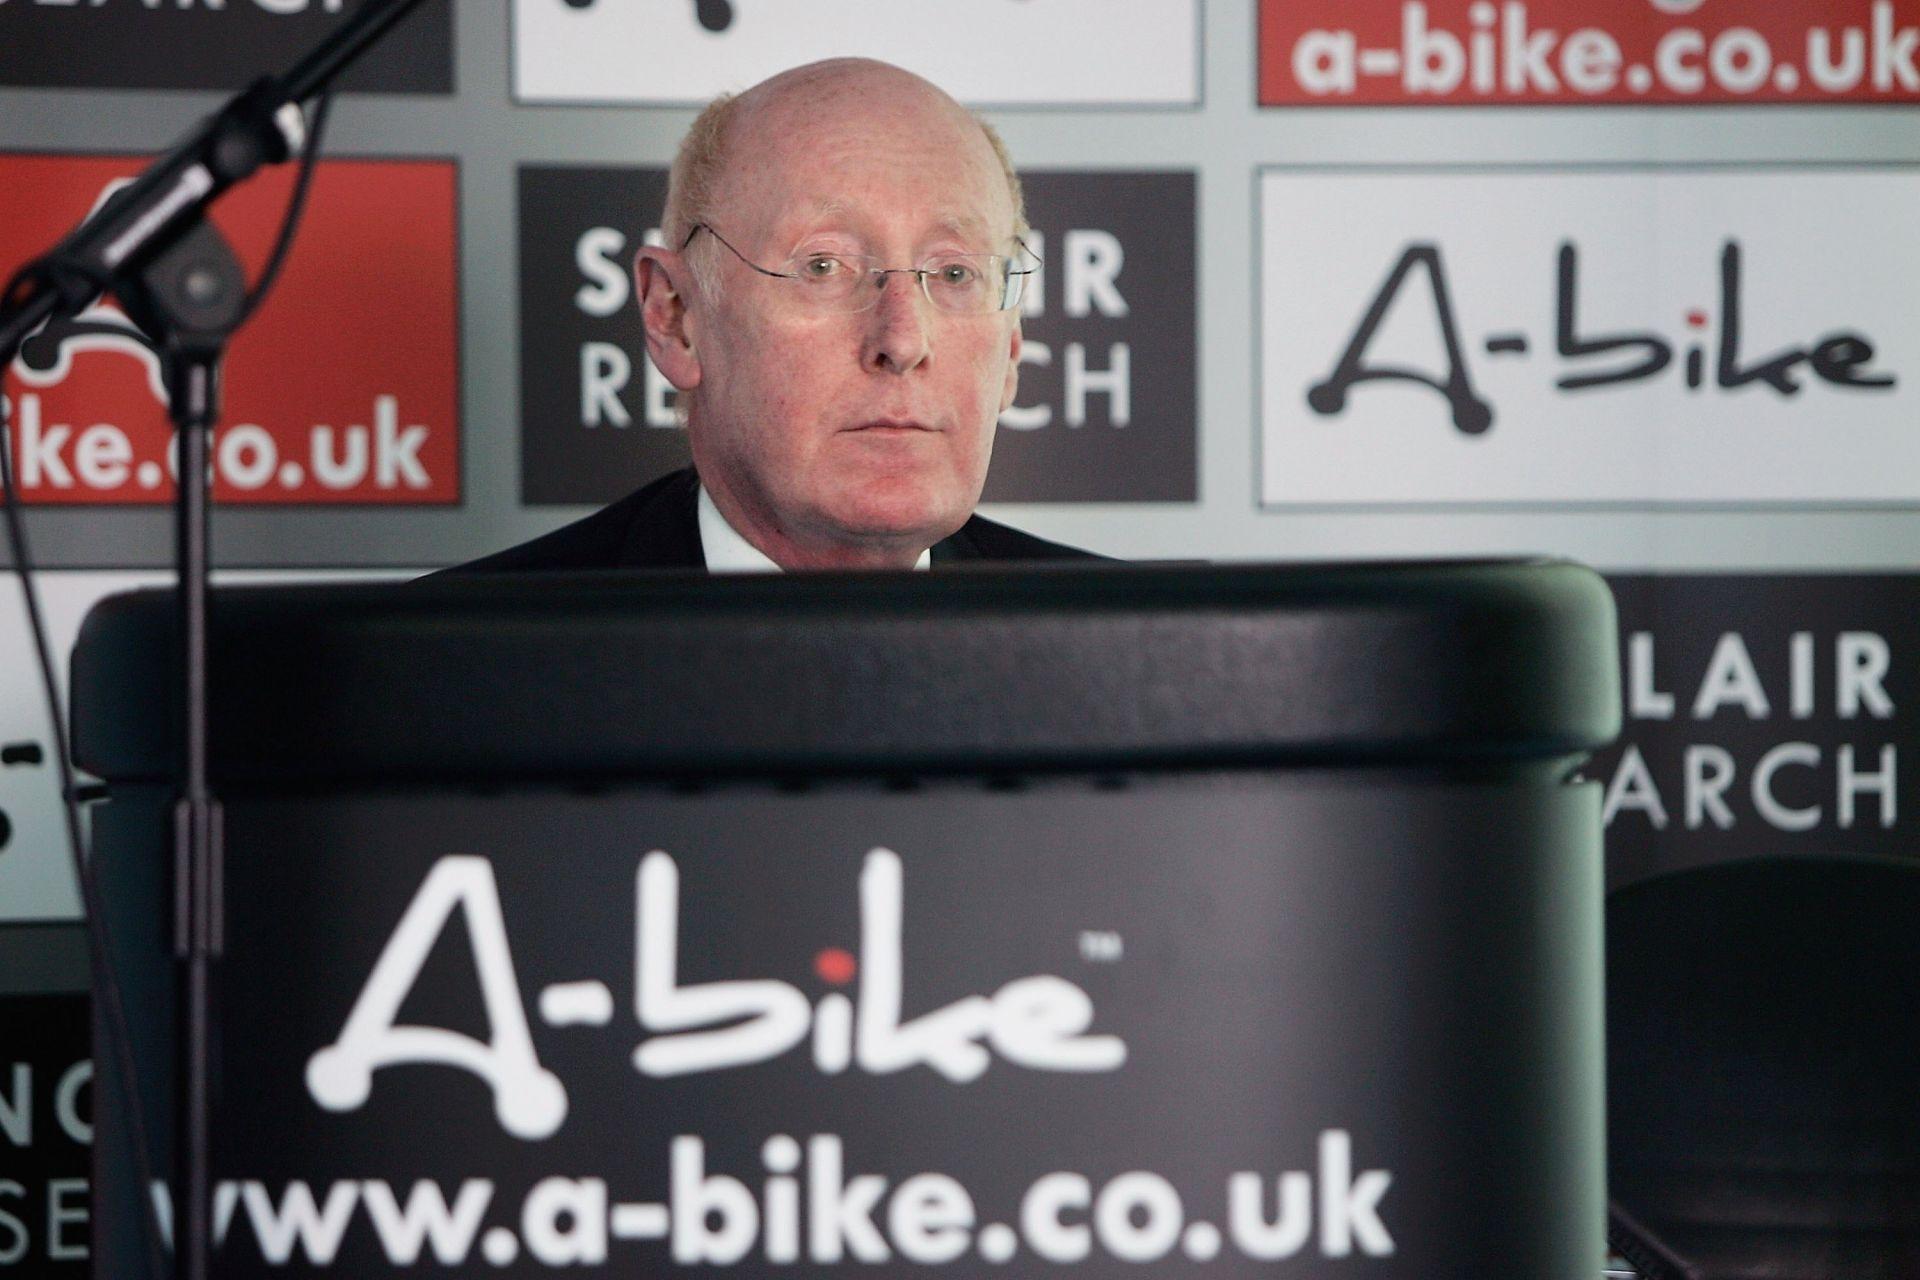 """12 юли 2006 г. - Клайв Синклер представя проекта си """"A-Bike"""""""